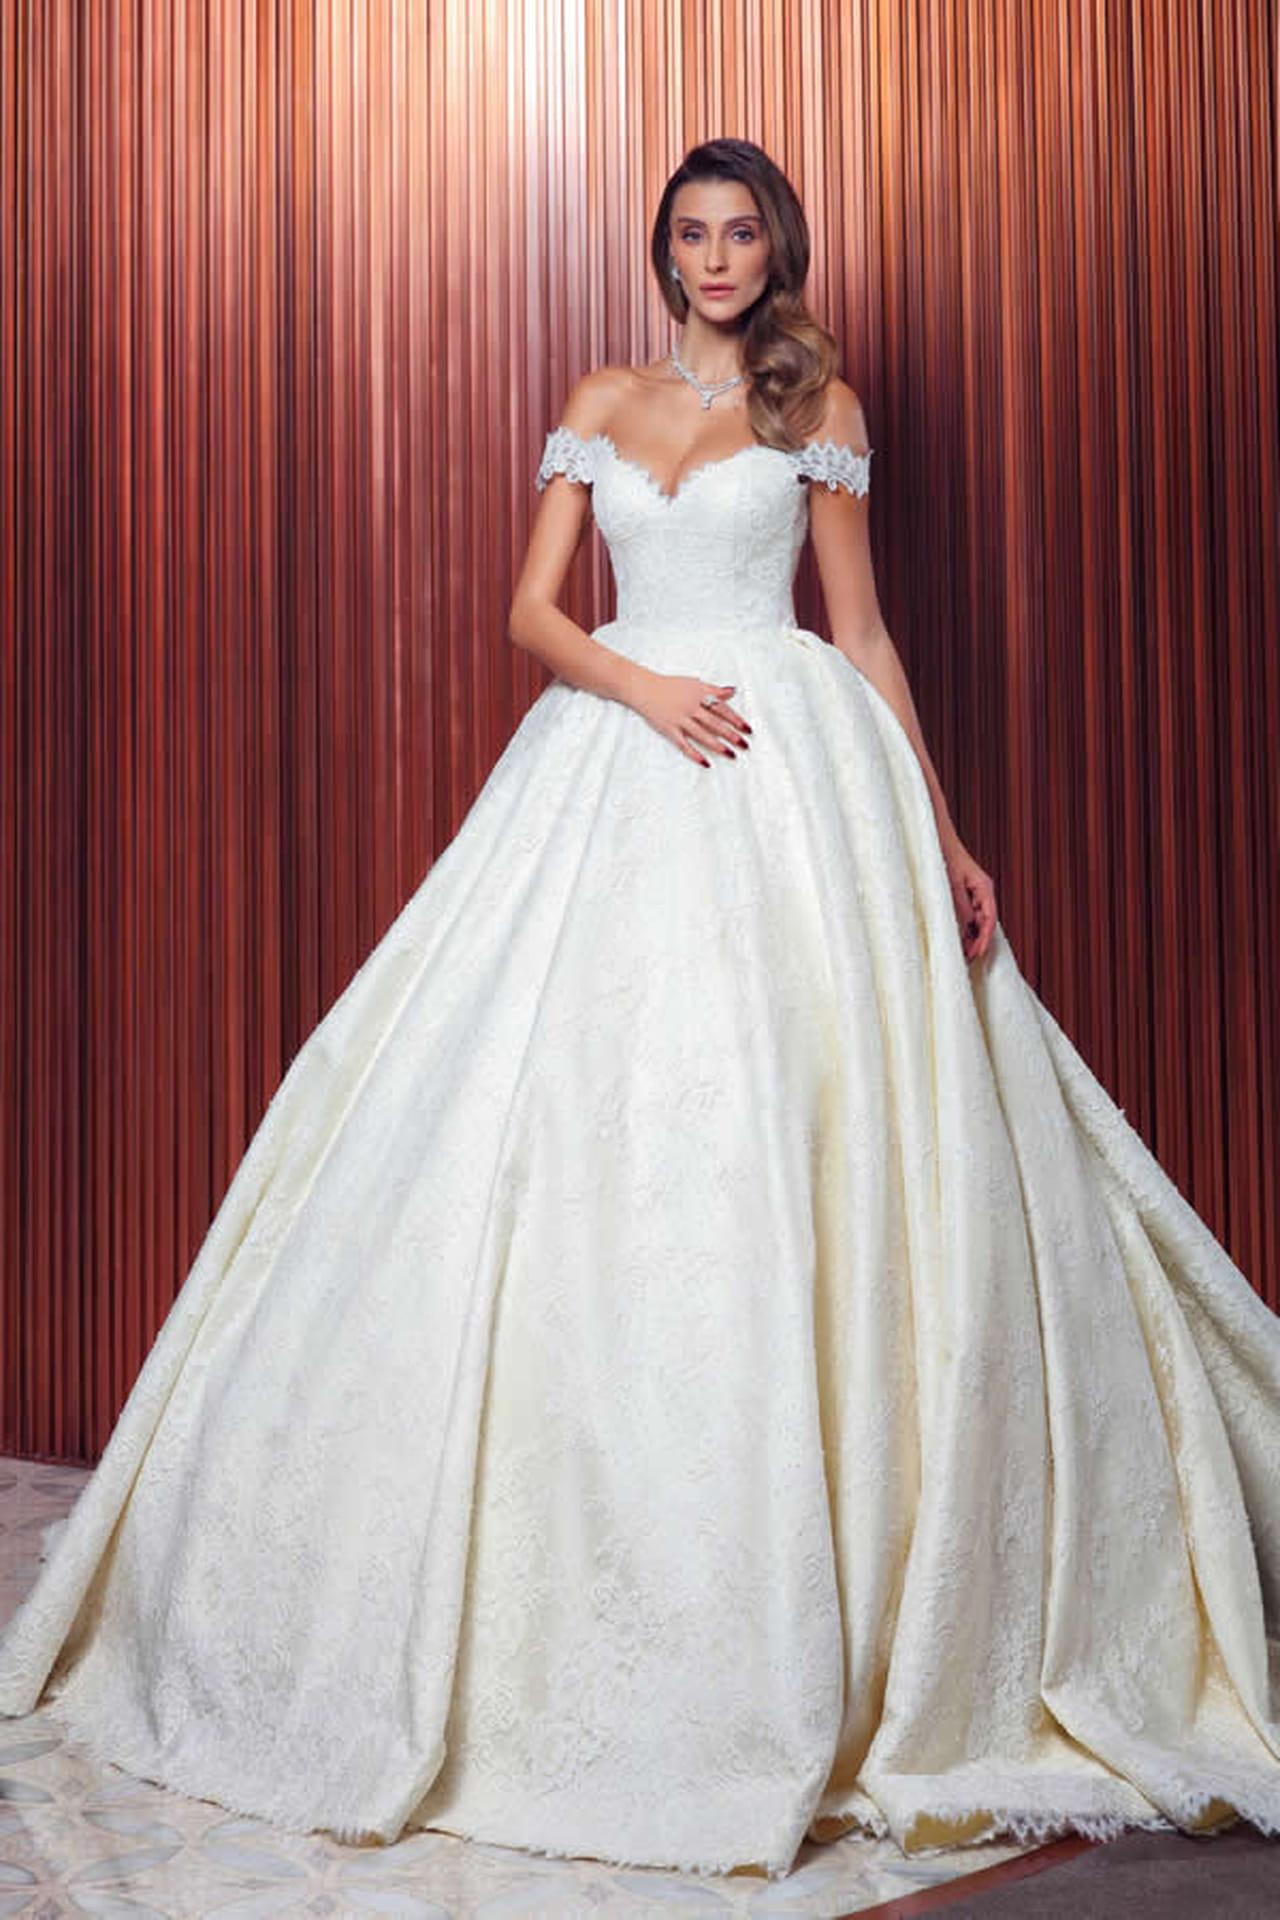 8dfc25fc51fdc فساتين زفاف تركية 2017 للمصمم Raşit Bağzıbağlı - صورة 2 7